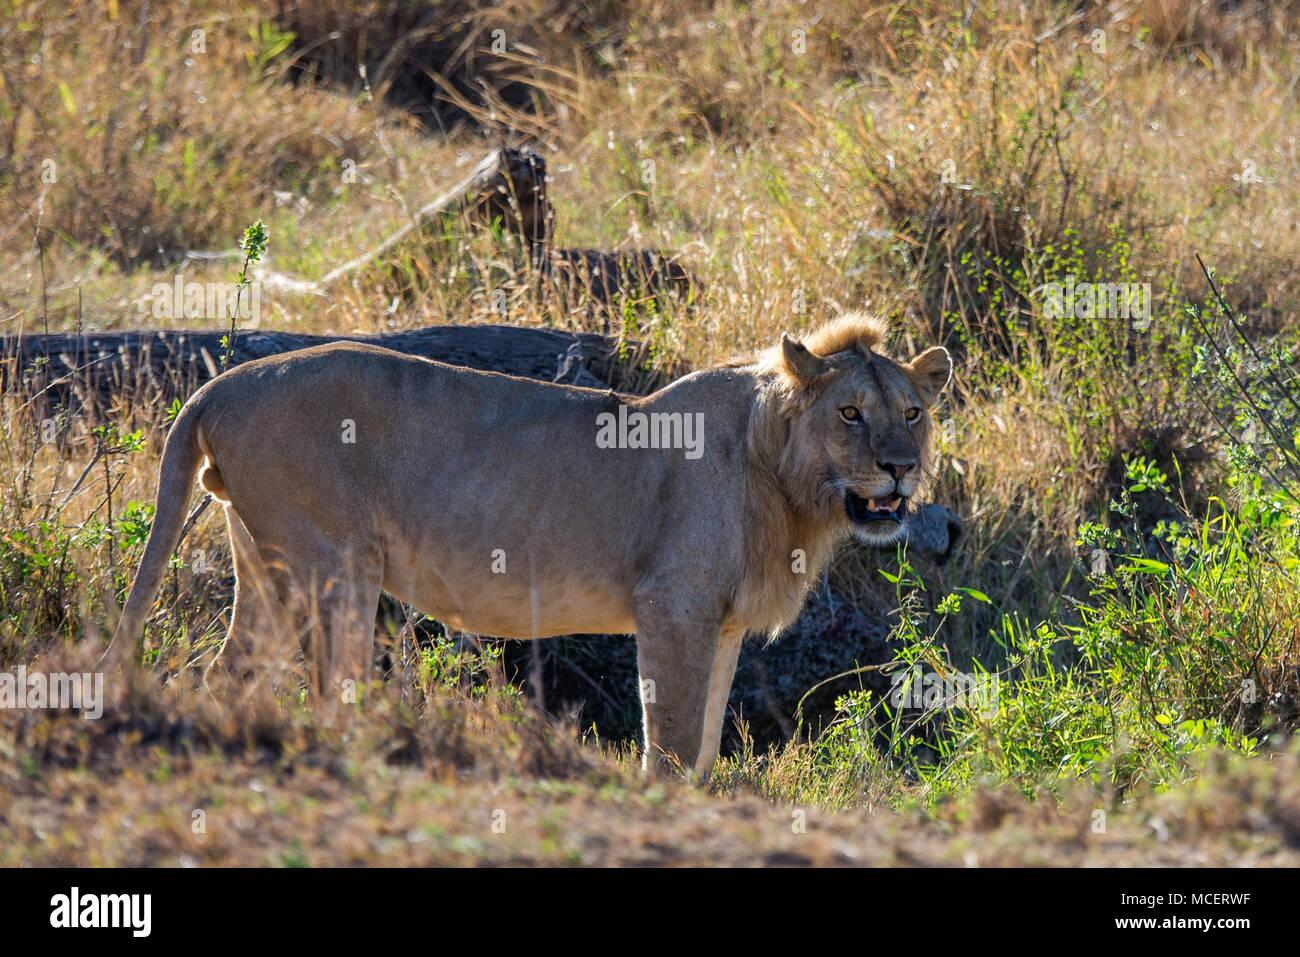 MALE LION (PANTHERA LEO), SERENGETI NATIONAL PARK, TANZANIA - Stock Image